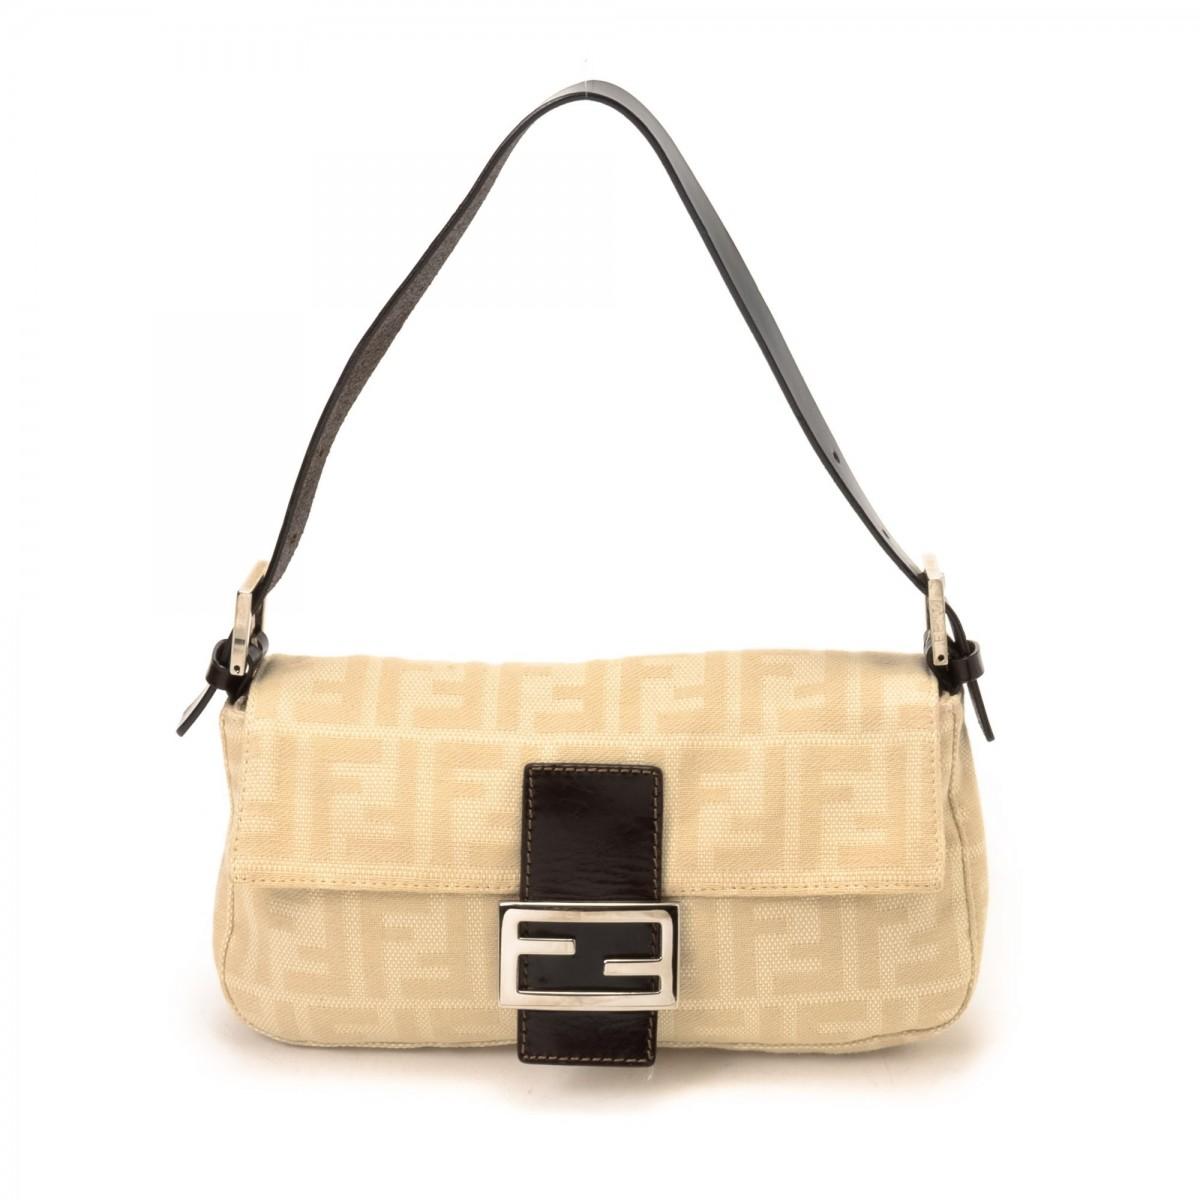 bda42eefdb0f Vintage Fendi Bags Toronto. Fendi Baguette Zucca Canvas - LXRandCo - Pre- Owned Luxury Vintage